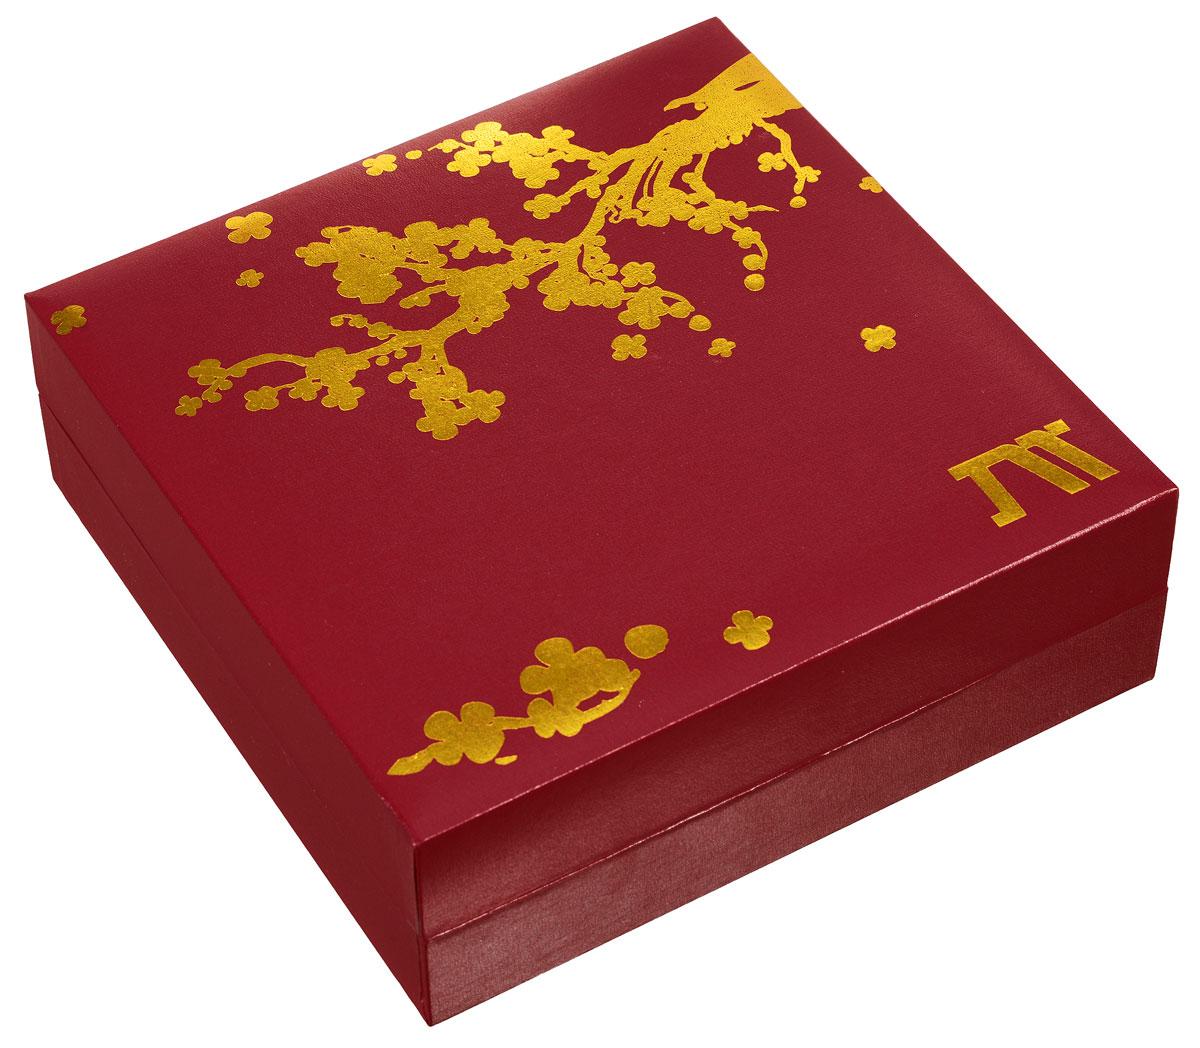 Masura Набор для японского маникюра: паста Ни, пудра Хон, полировочные Кичин-блоки 2 шт, палочки Татибана 2 шт, карта клиента